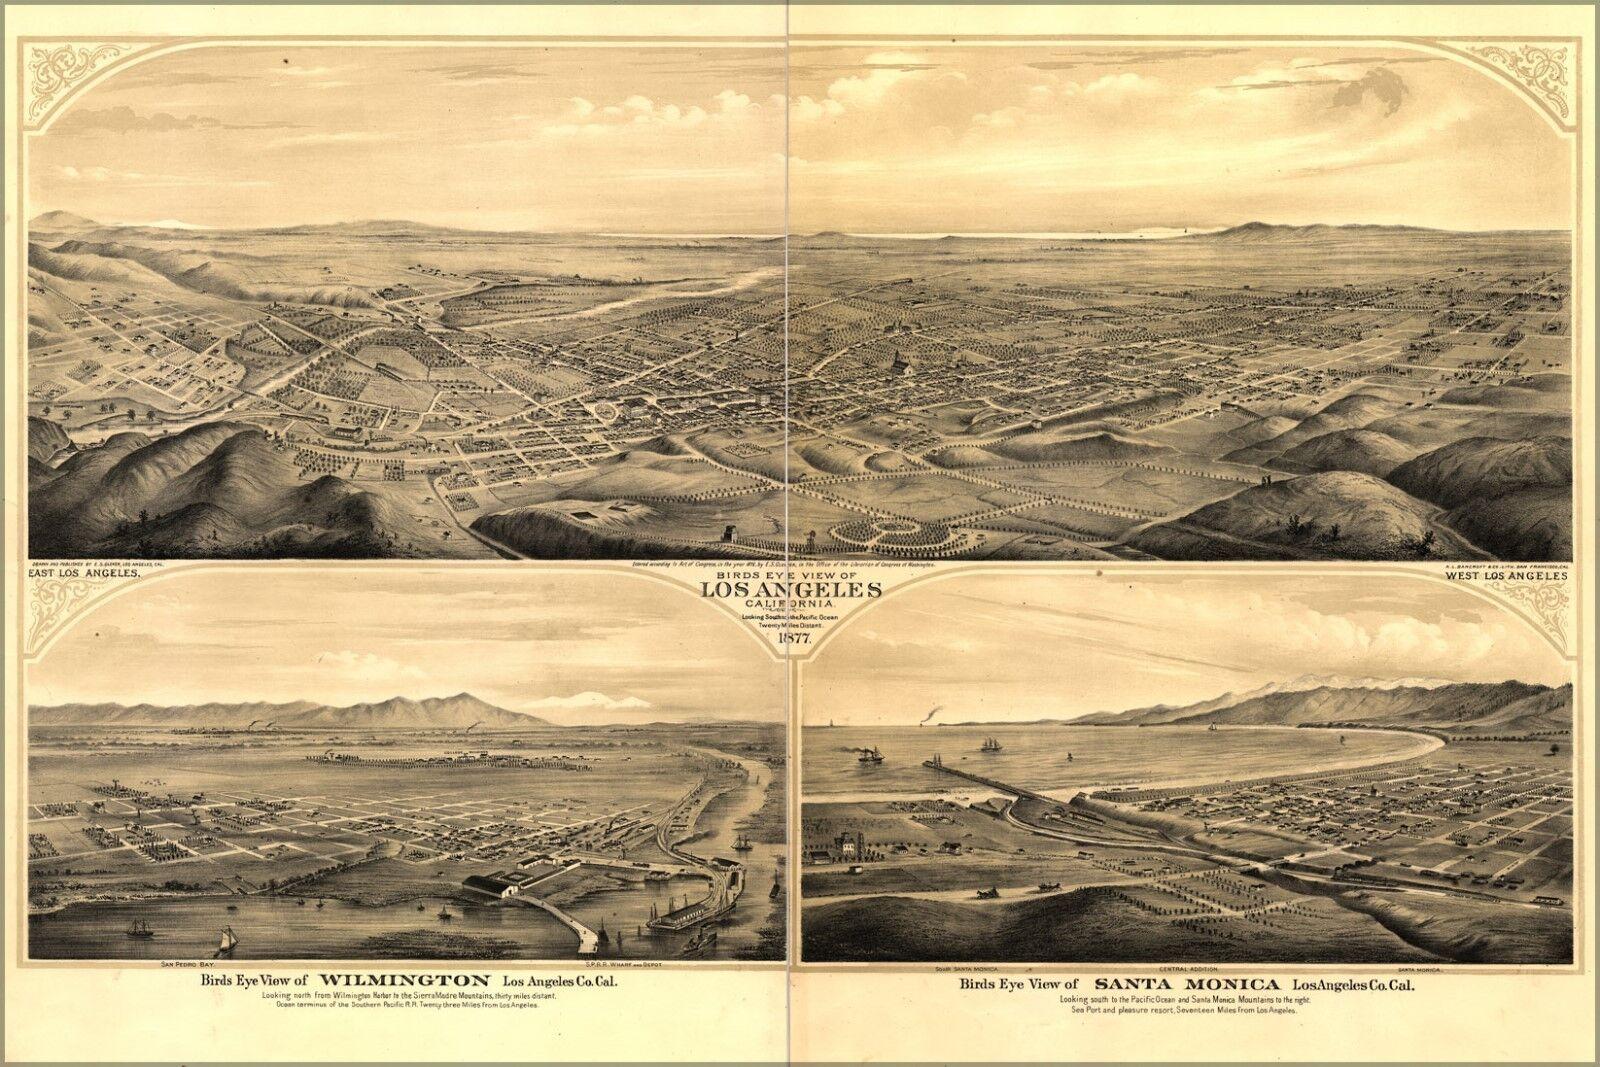 Plakat, Viele Größen; Vogelauge Ausblick Karte von Los Angeles, Kalifornien